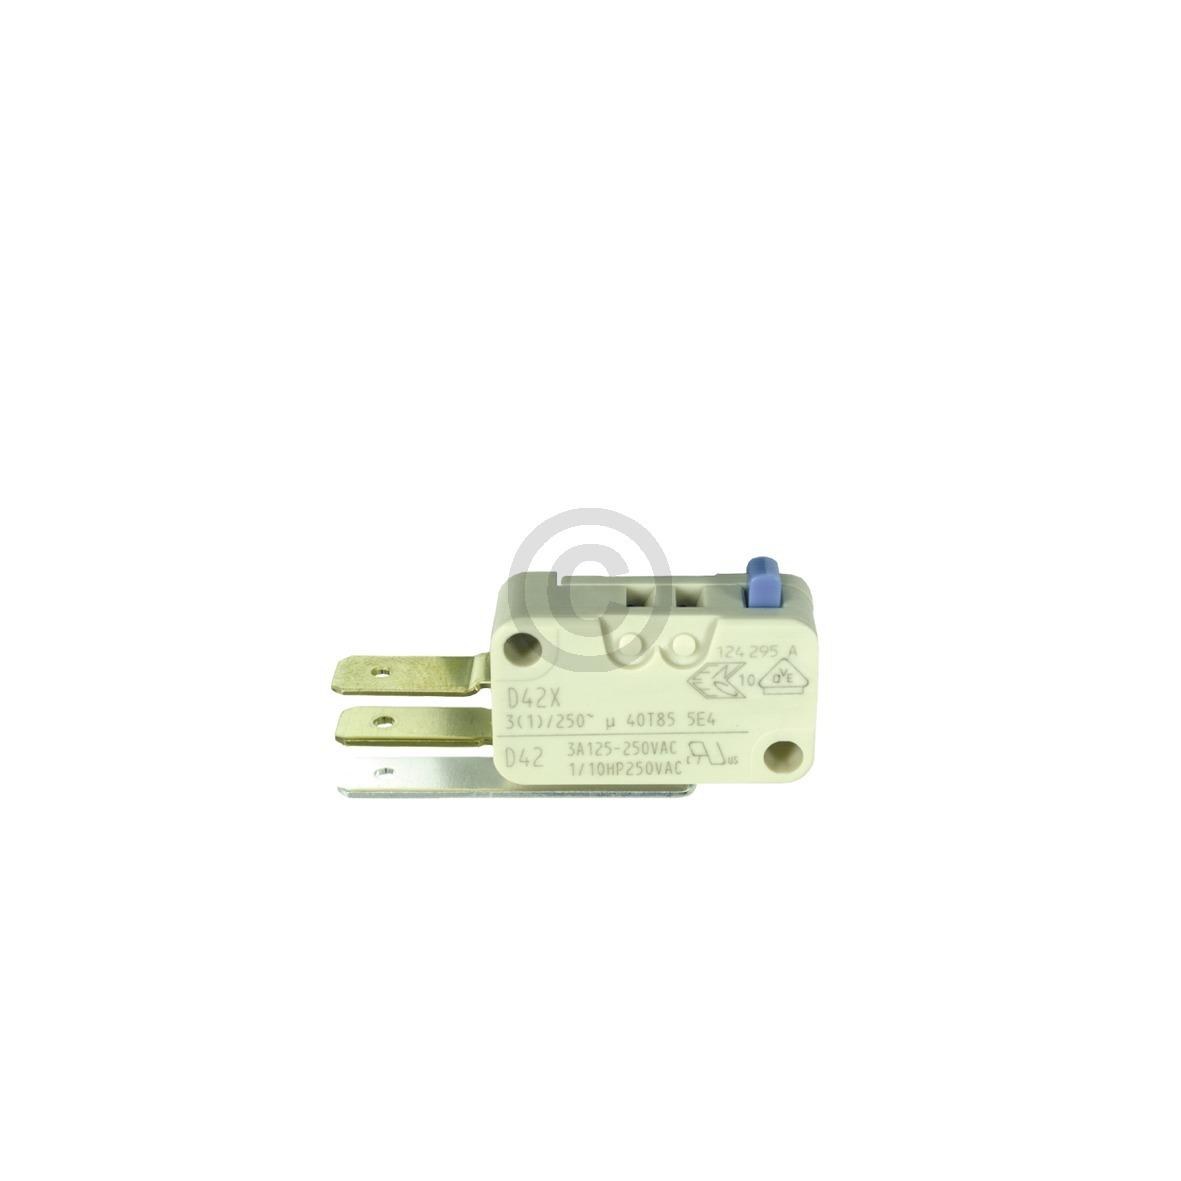 Mikroschalter für Wasserstandsregler 00165256 165256 Miele, Bosch, Siemens, Neff